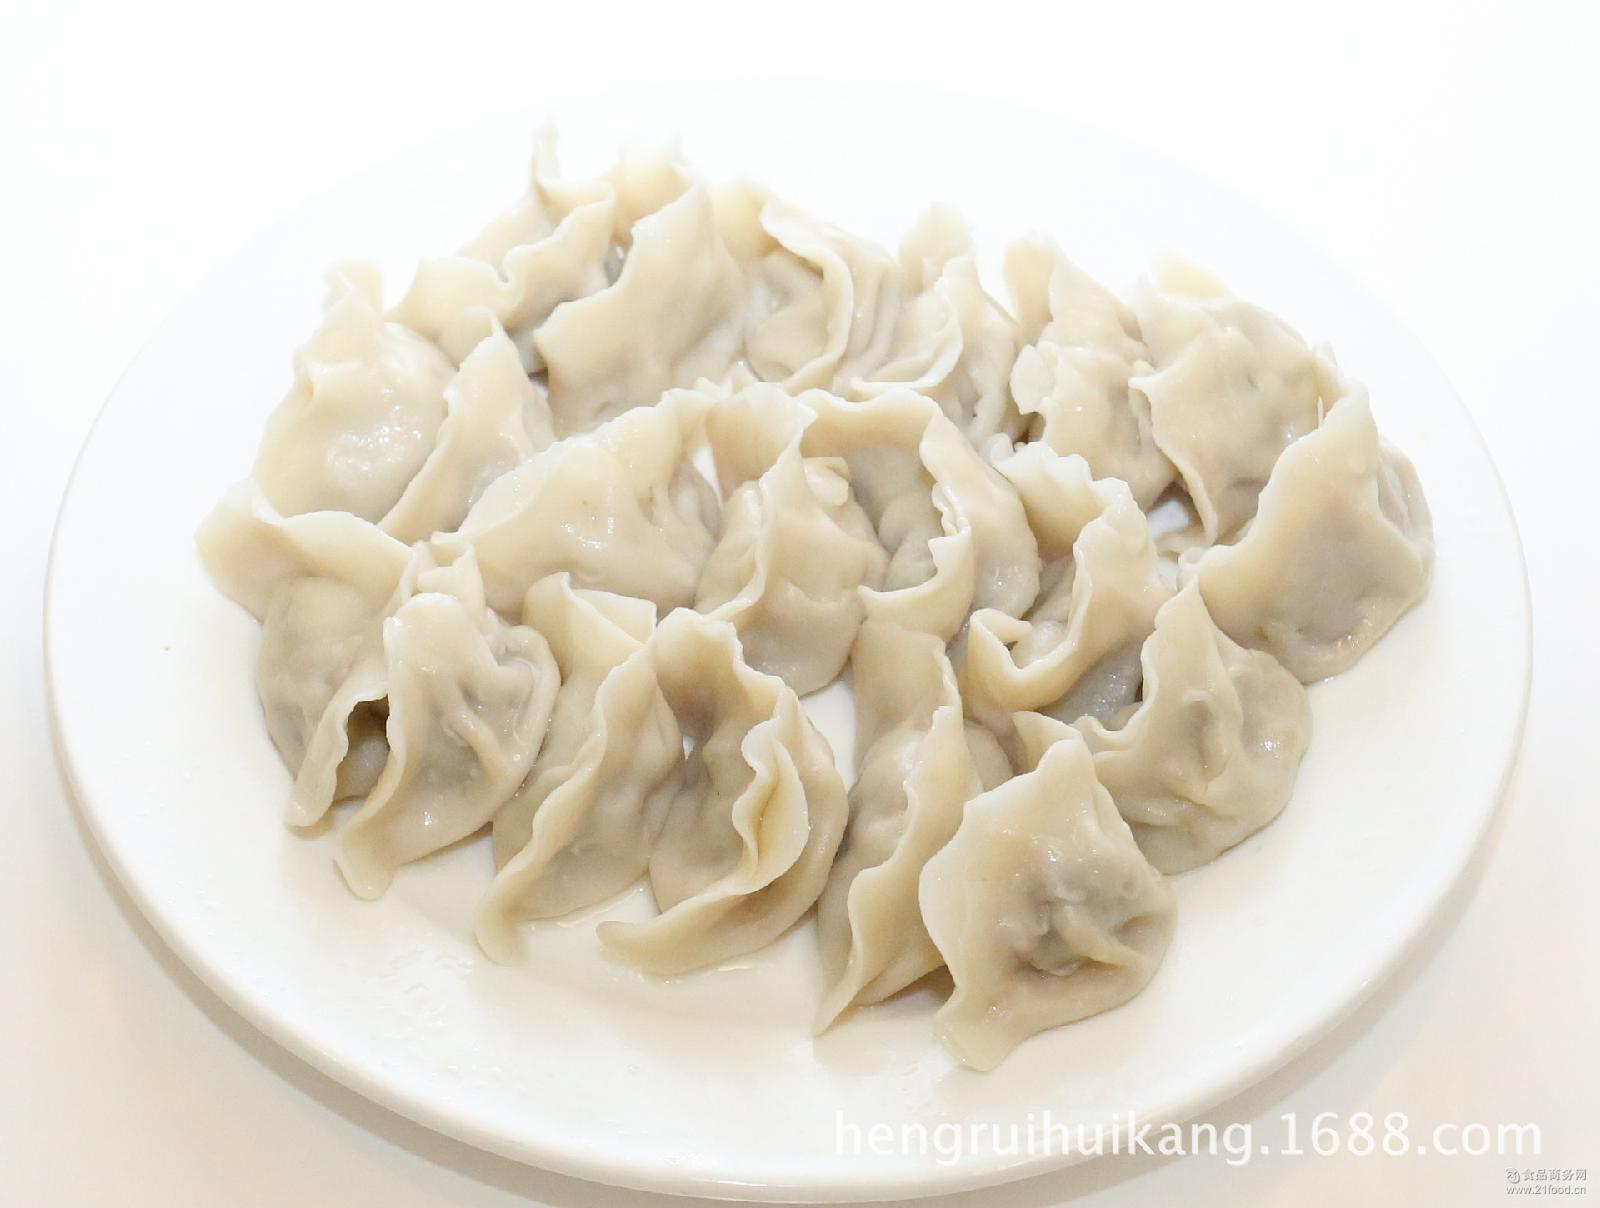 木薯淀粉(预糊化) 米面制品变性淀粉 恒瑞惠康 HS-CP-806